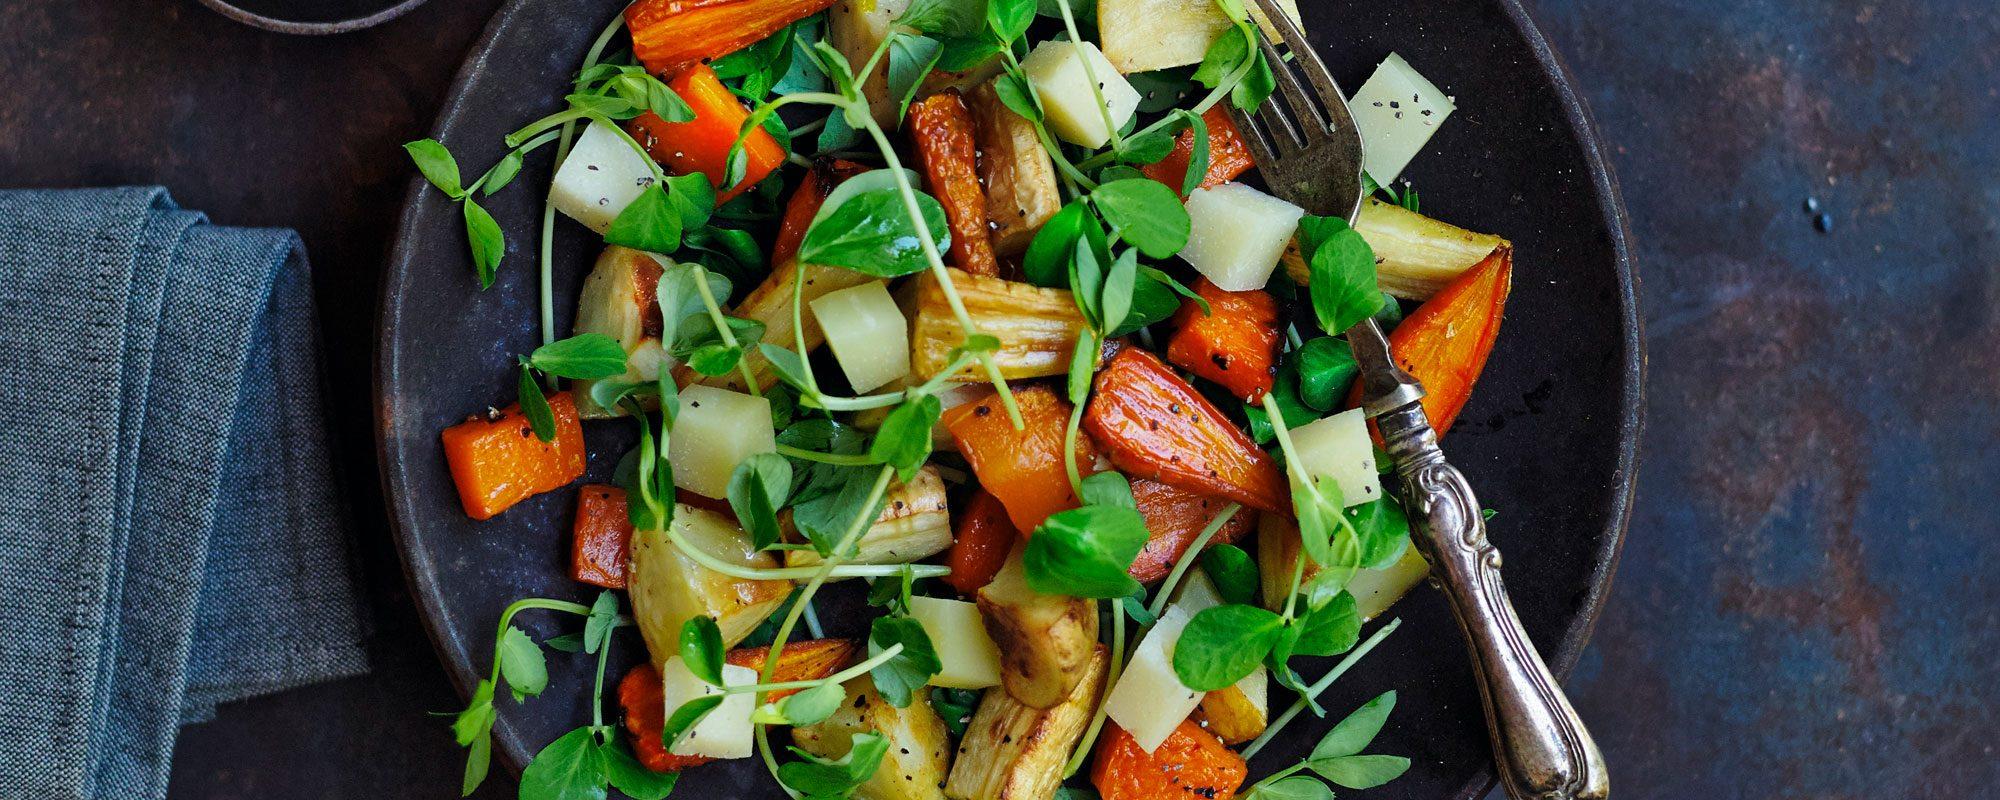 Pea Shoots Winter Salad